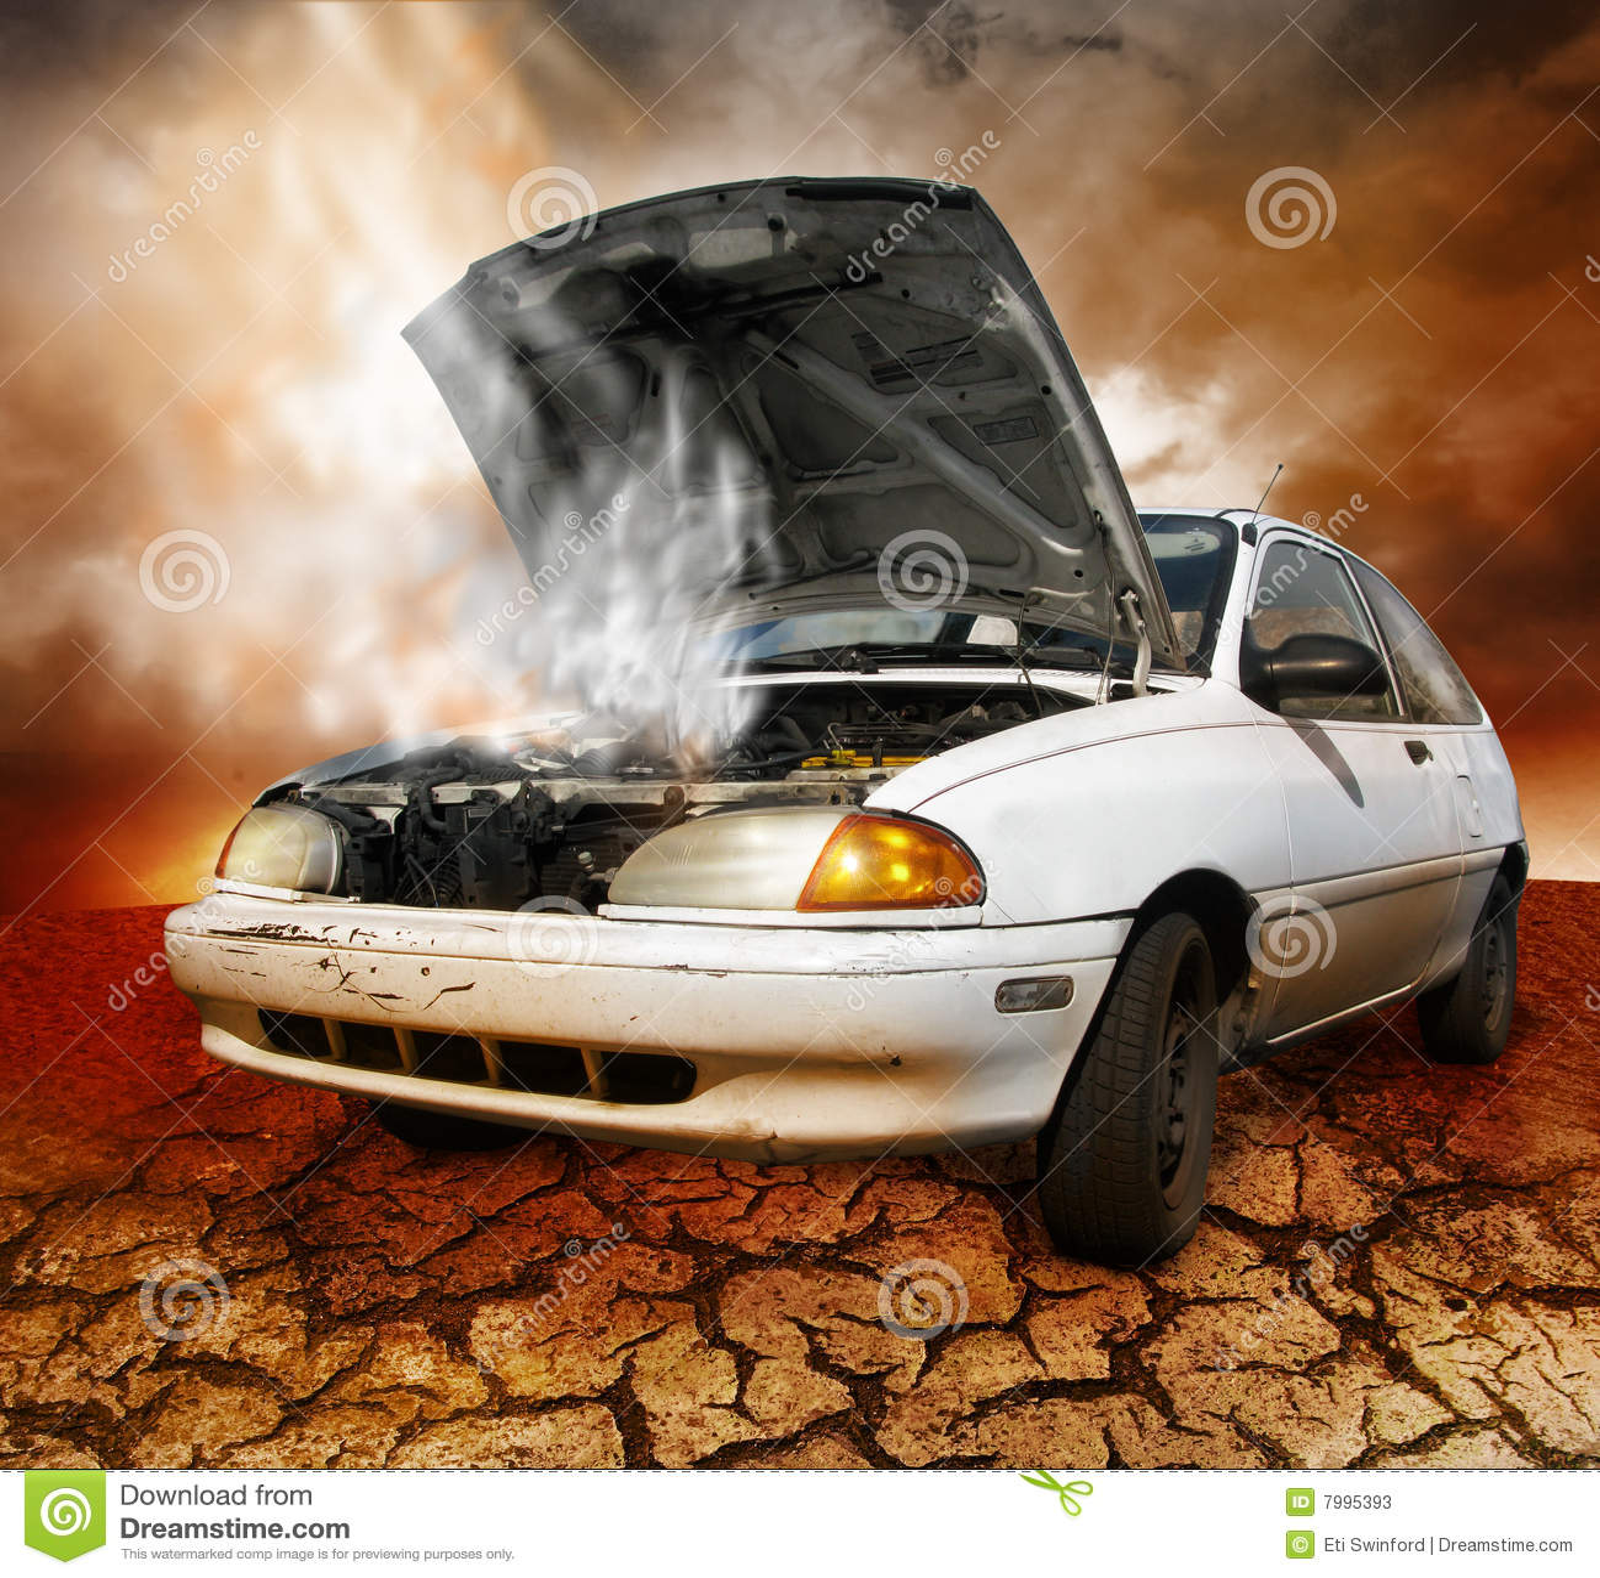 What To Do When Your Car Overheats >> Car Broken Down Stock Photos - Image: 7995393